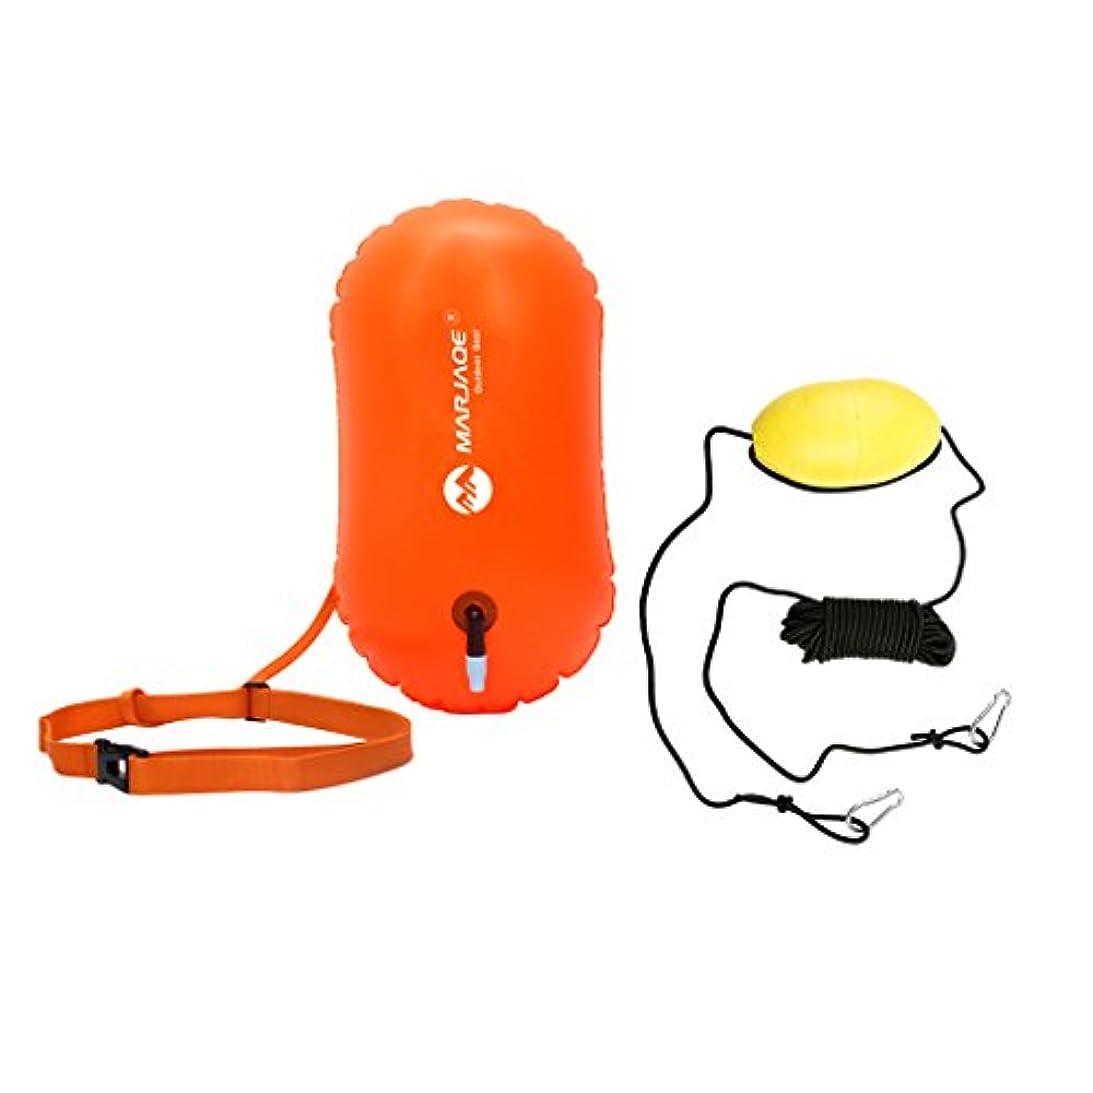 入植者変位傷つけるHomyl 30フィート カヤック ドリフト アンカー トウロープ トウライン スローライン スイミング バッグ ブイ